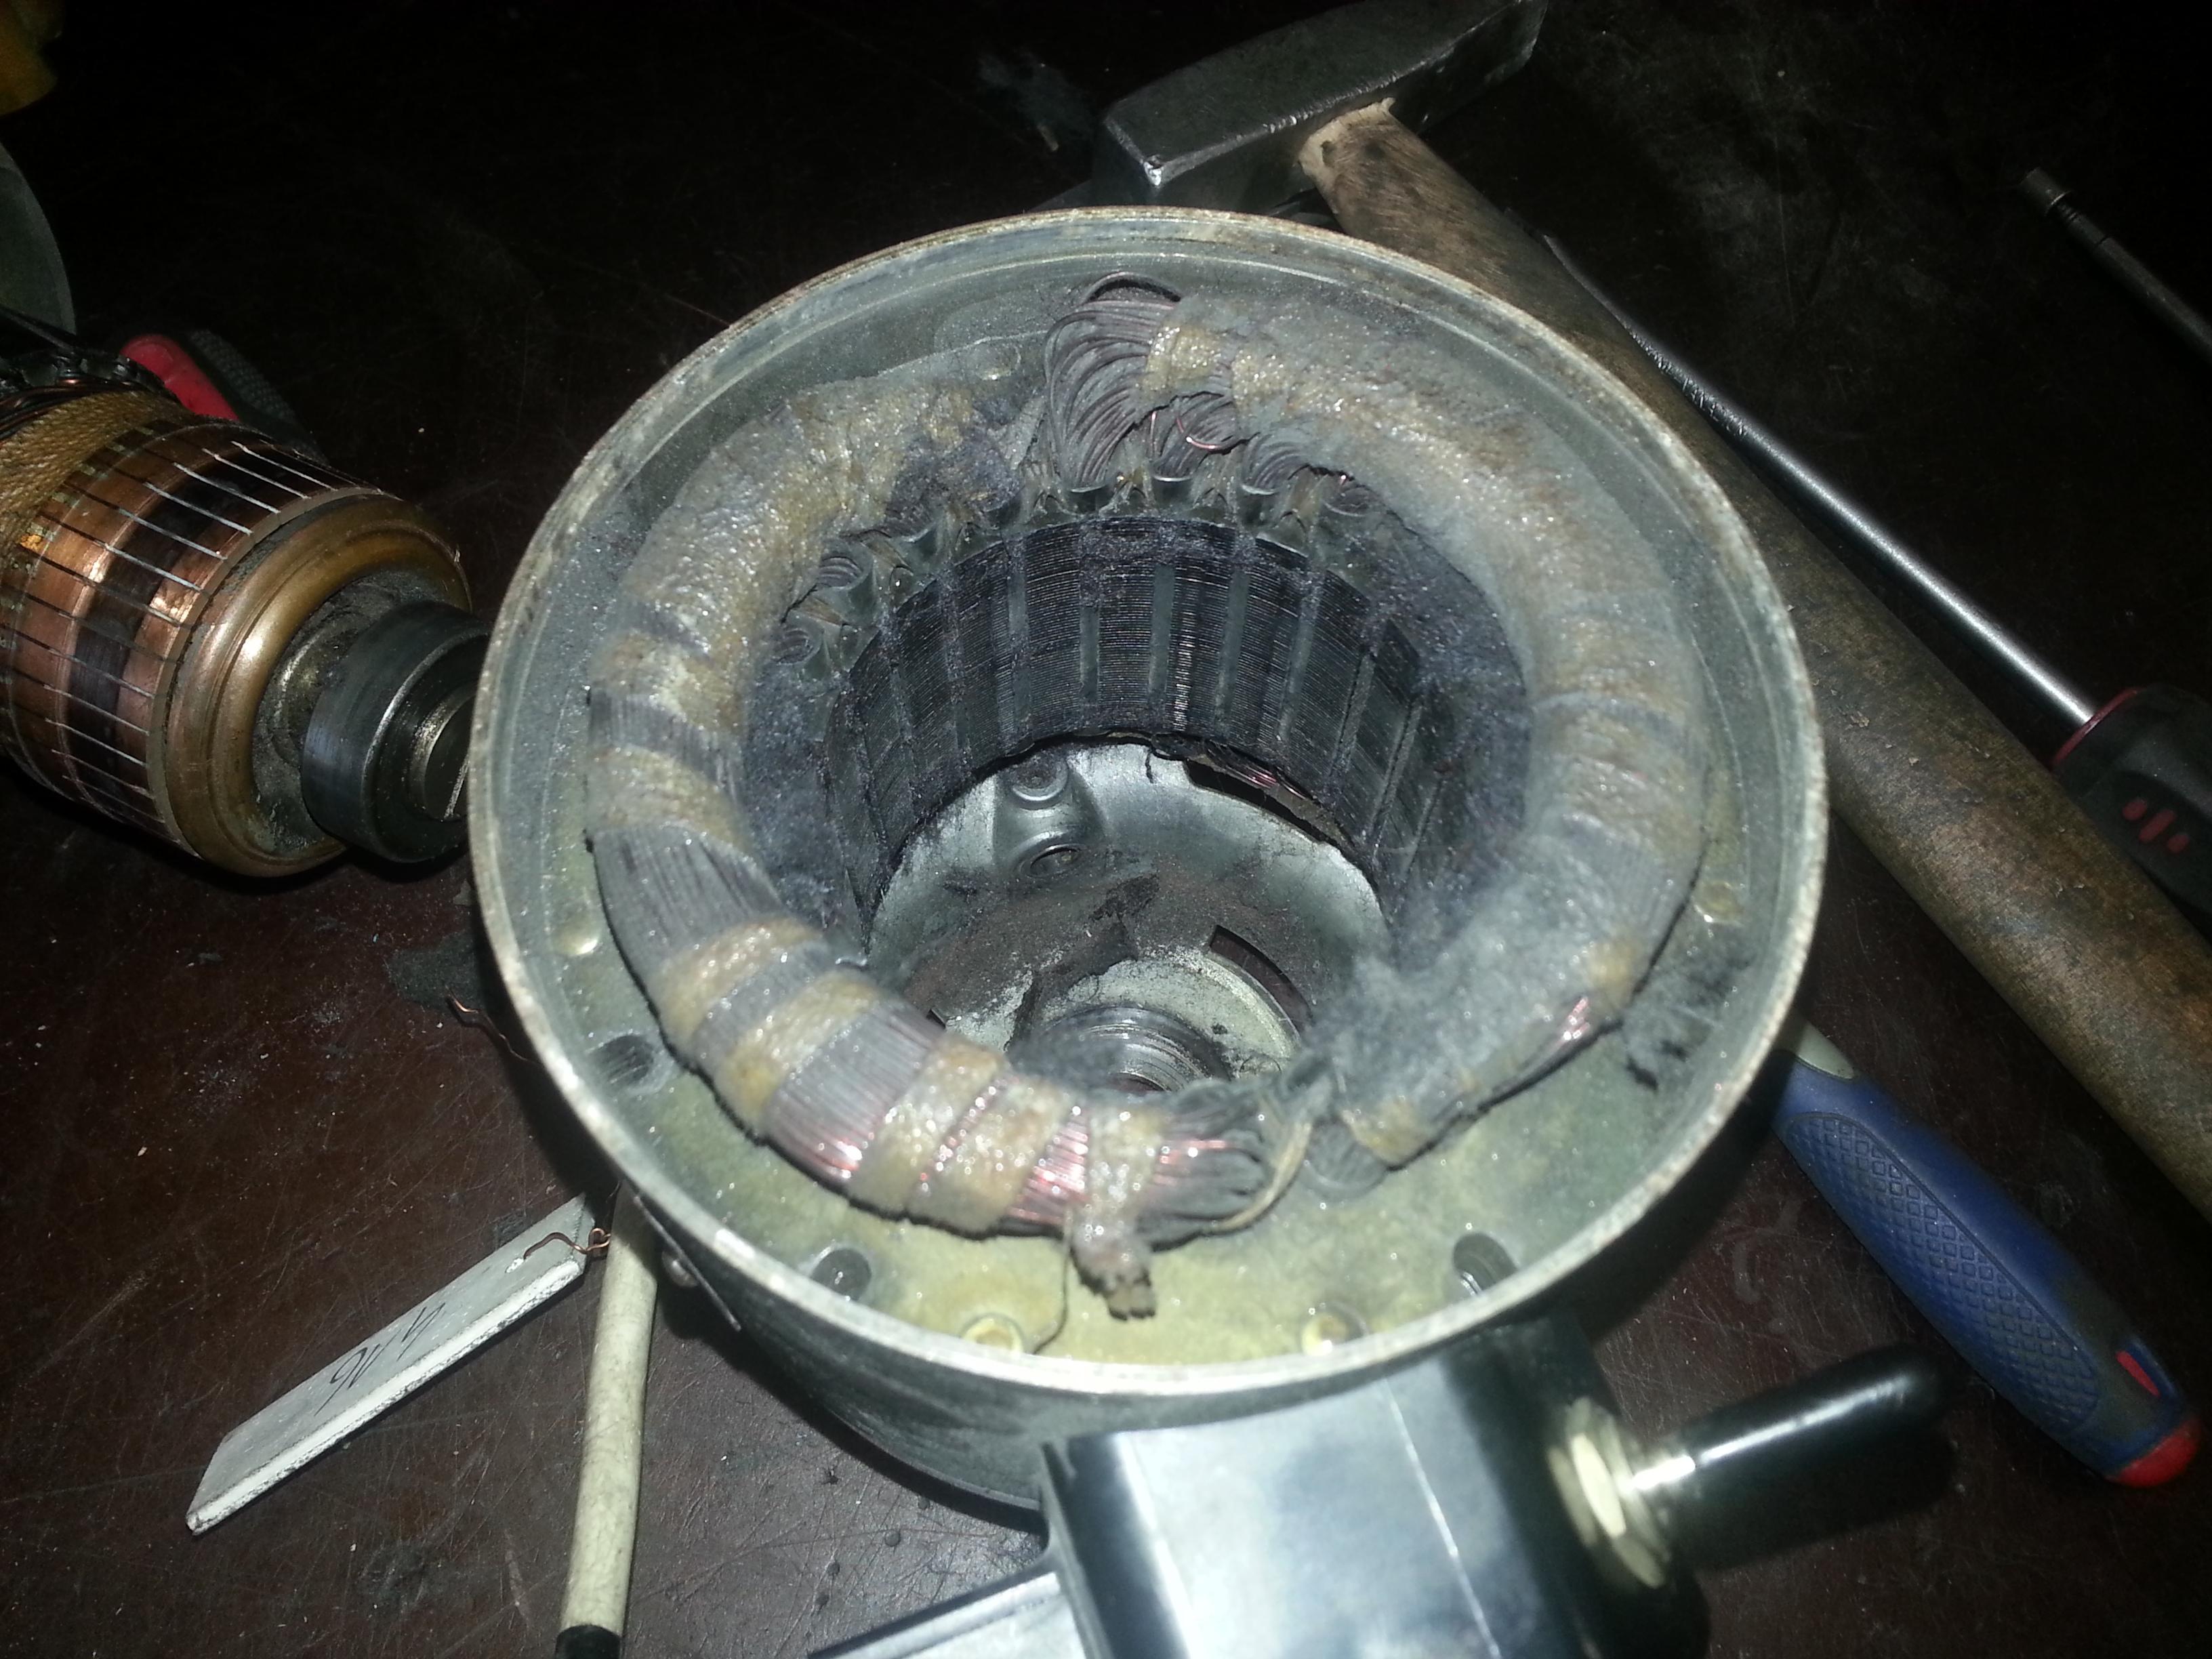 Krajalnica - Co to za rodzaj silnika elektrycznego ?